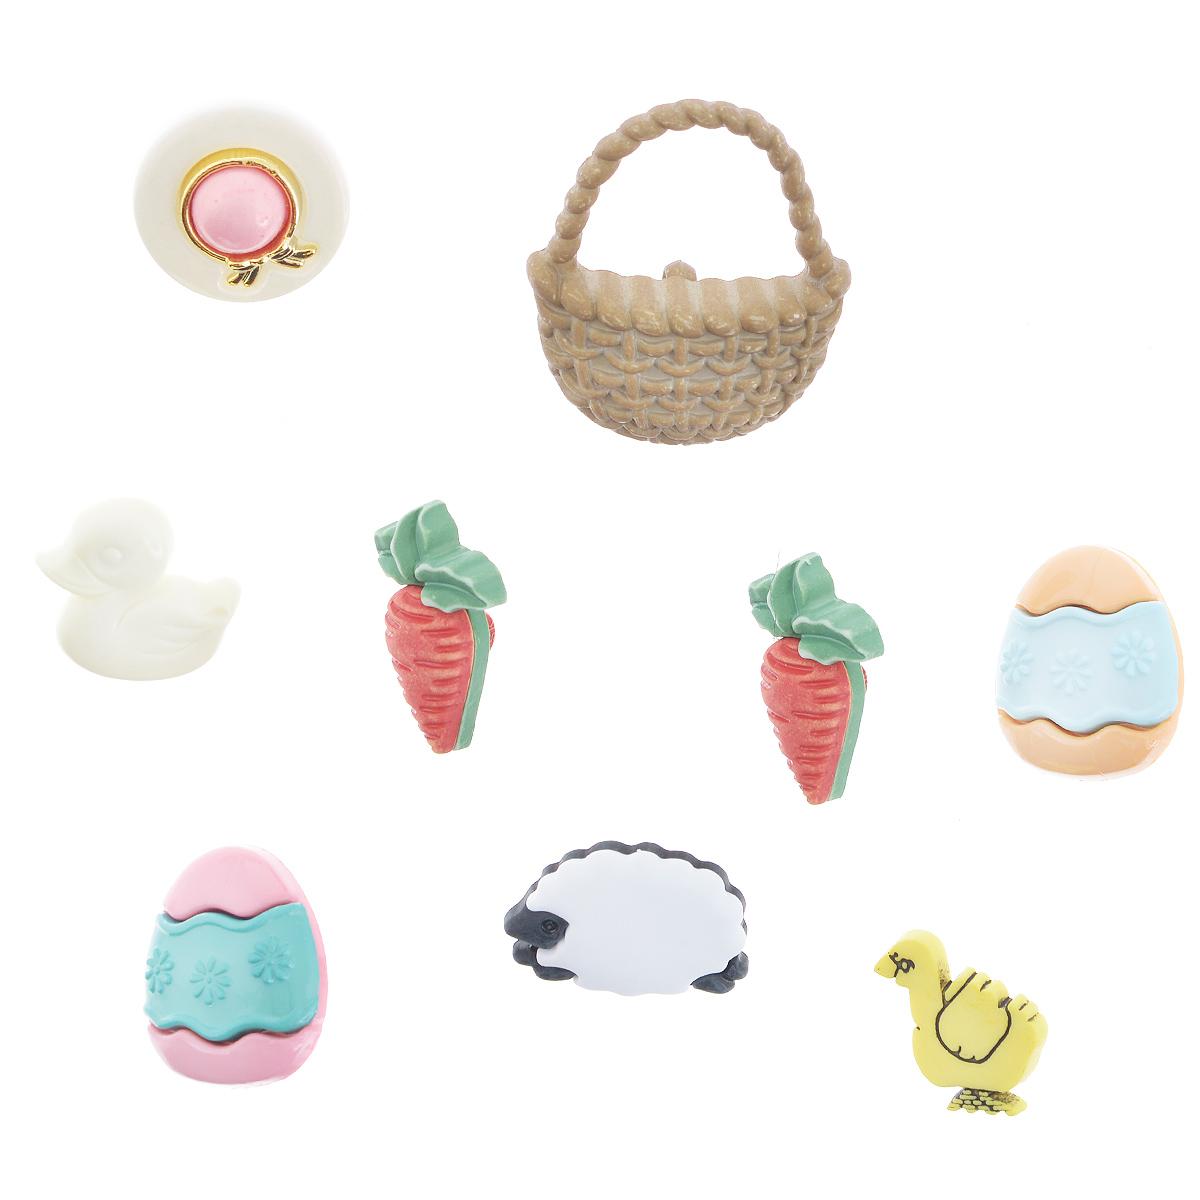 Пуговицы декоративные Buttons Galore & More Easter Basket, 9 шт7708844Набор Buttons Galore & More Easter Basket состоит из 9 декоративных пуговиц. Все элементы выполнены из пластика в виде морковок, корзины и пасхальных яиц. Такие пуговицы подходят для любых видов творчества: скрапбукинга, декорирования, шитья, изготовления кукол, а также для оформления одежды. С их помощью вы сможете украсить открытку, фотографию, альбом, подарок и другие предметы ручной работы. Пуговицы разных цветов имеют оригинальный и яркий дизайн. Средний размер пуговиц: 2 см х 1,3 см х 0,5 см.